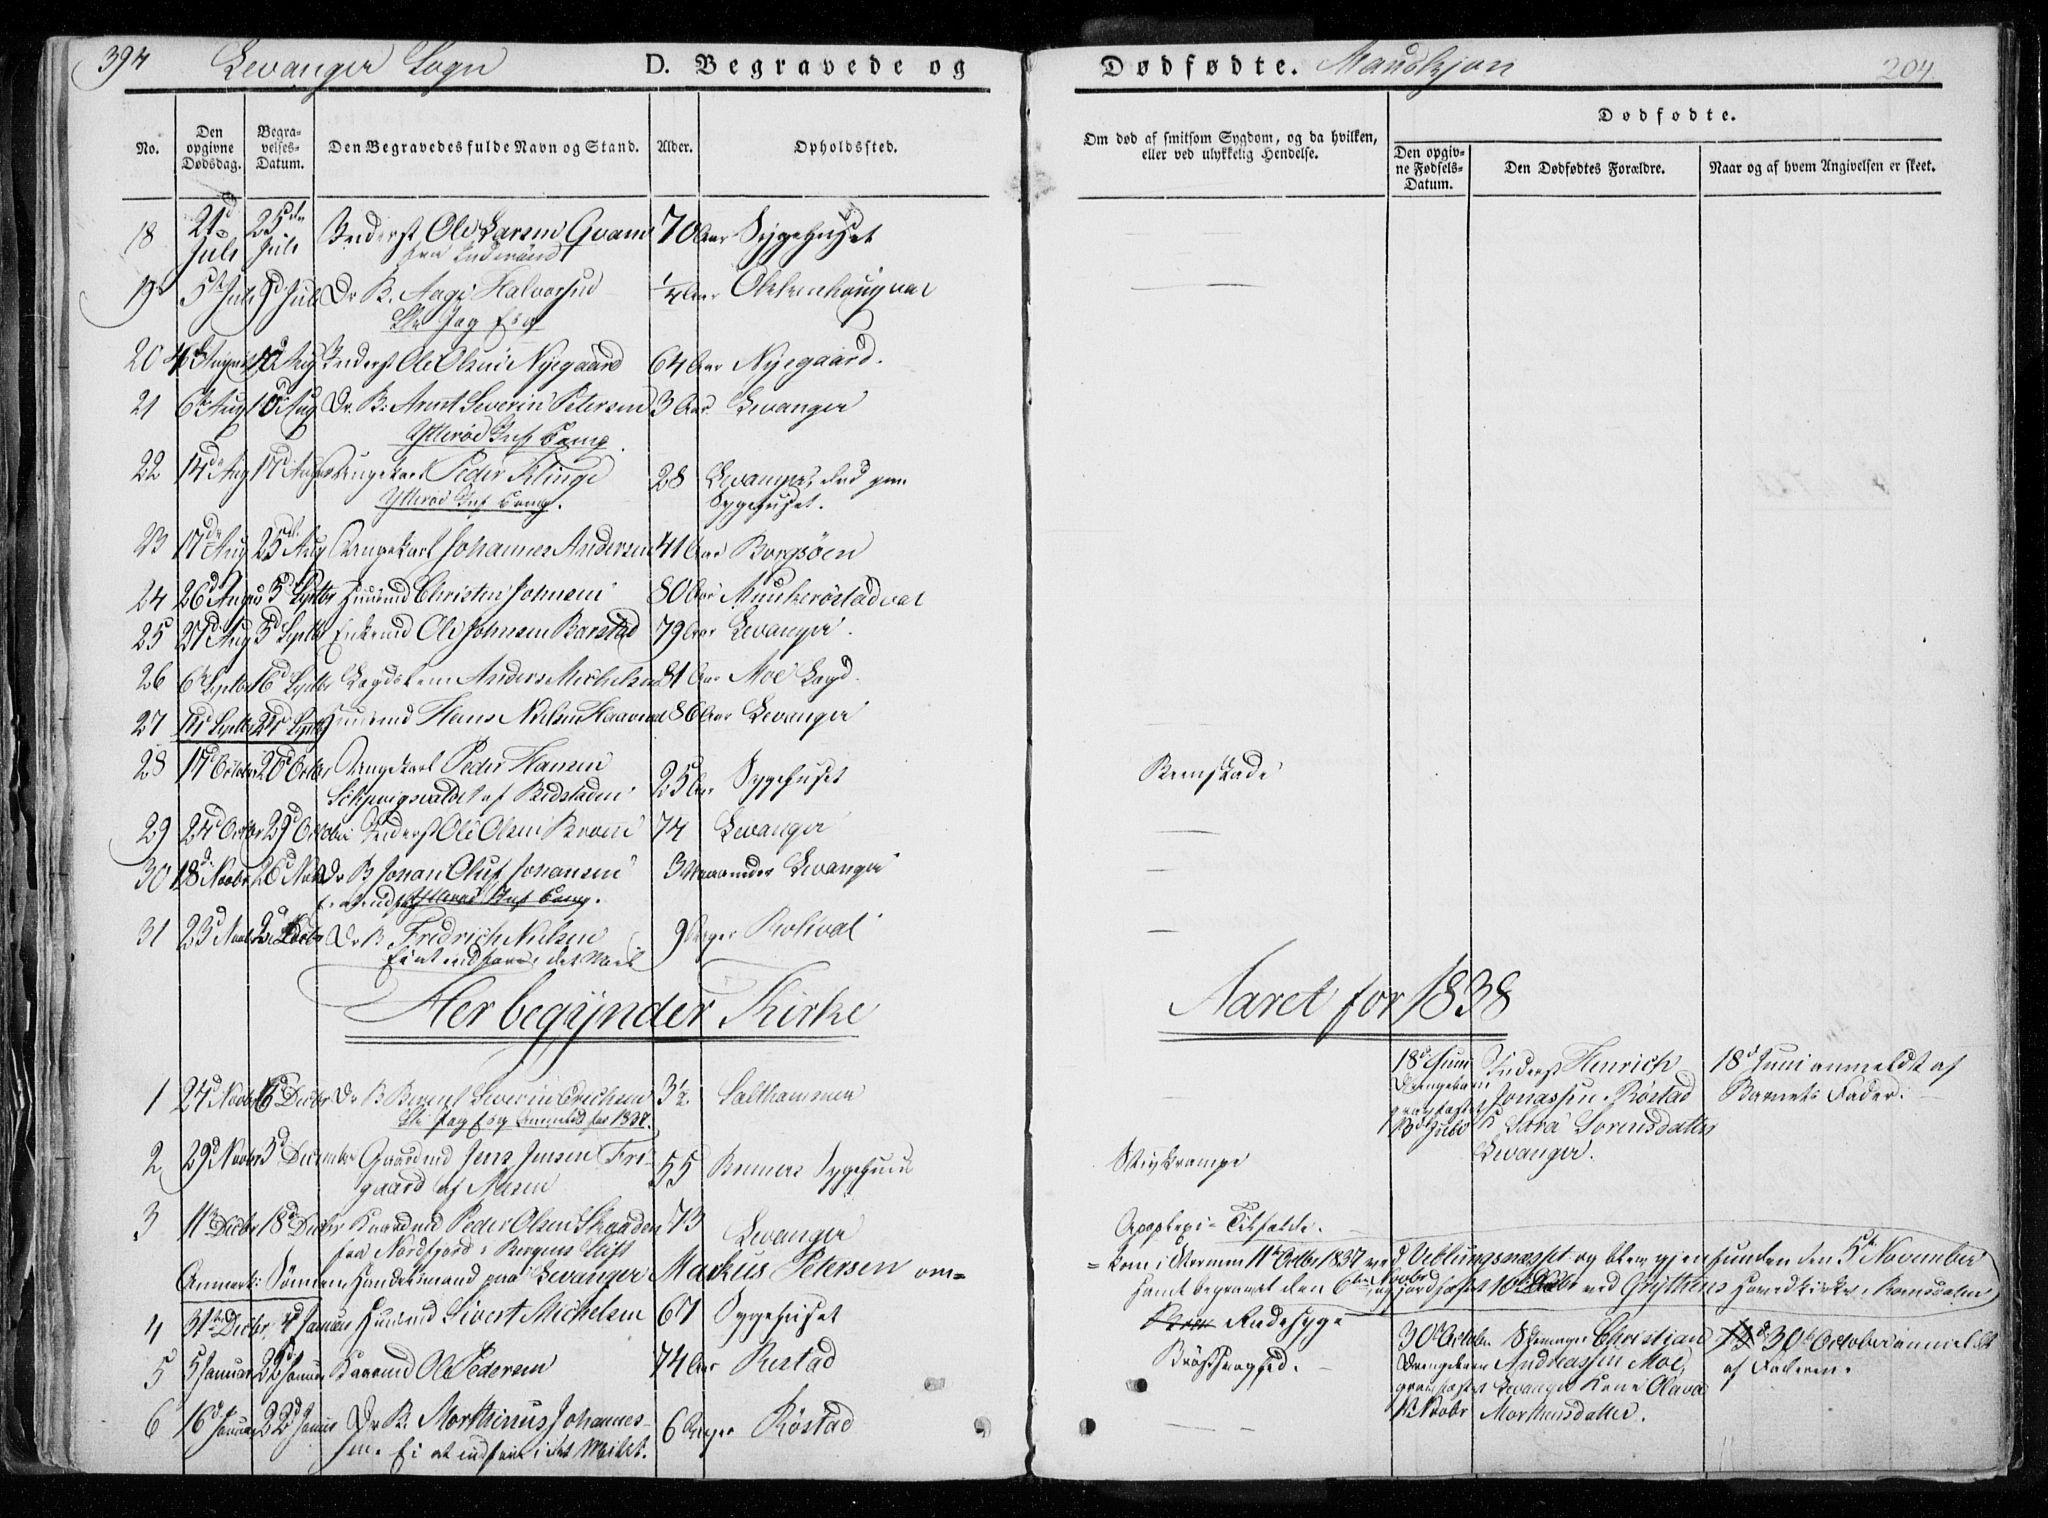 SAT, Ministerialprotokoller, klokkerbøker og fødselsregistre - Nord-Trøndelag, 720/L0183: Ministerialbok nr. 720A01, 1836-1855, s. 204